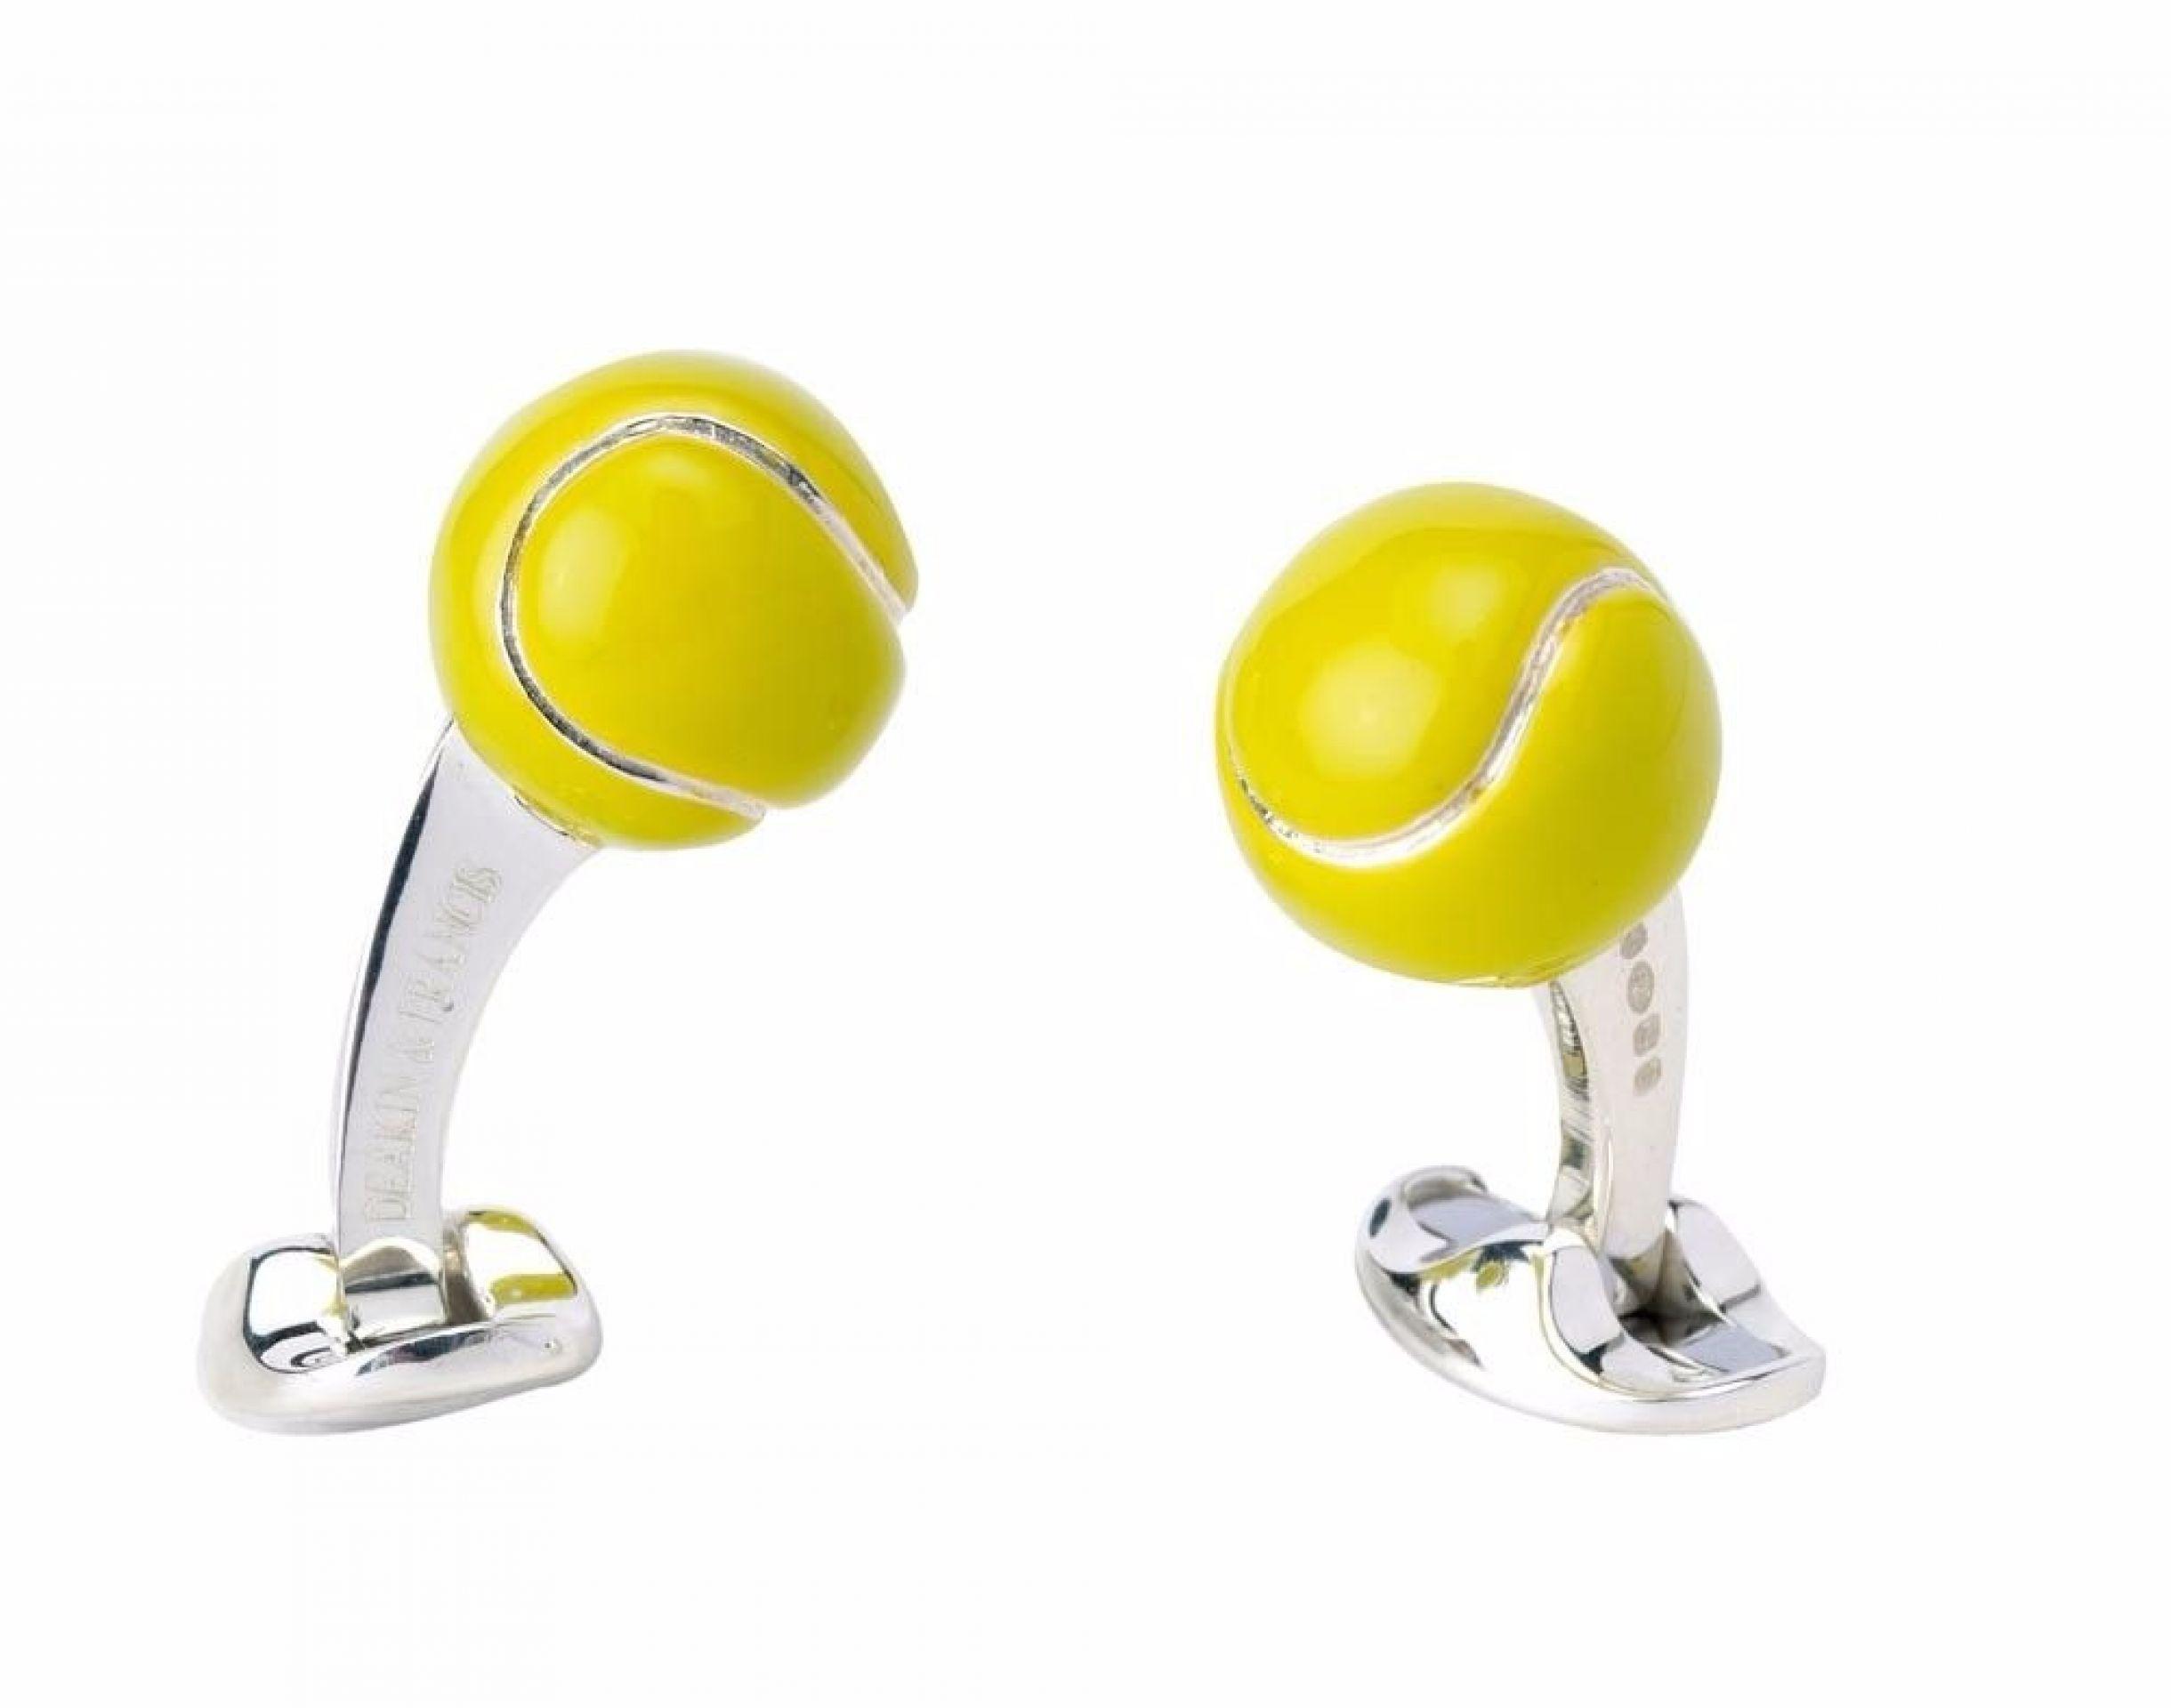 Silver Tennis Ball Cufflinks by Deakin & Francis